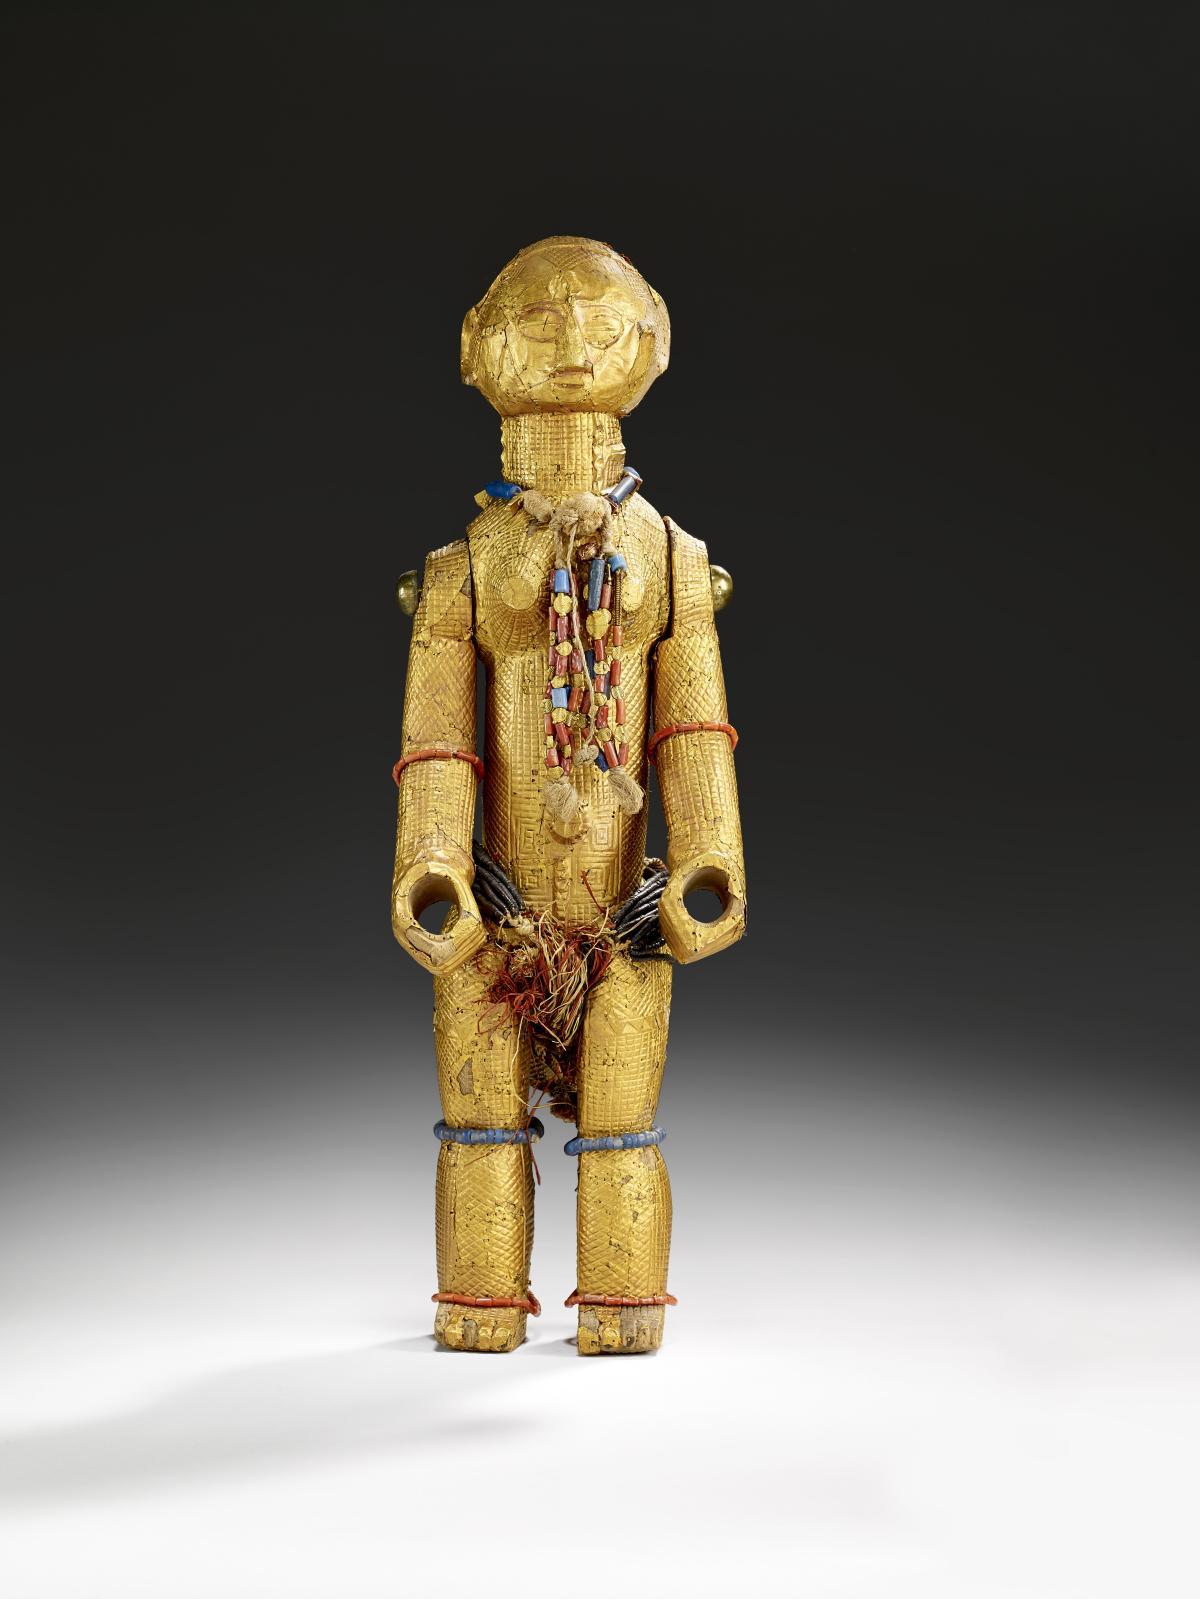 Statue féminine, bois dur, or, laiton, corail, perles de verre, noix de coco, fibres végétales, coton, 44cm, Côte d'Ivoire, région des Lagunes, style